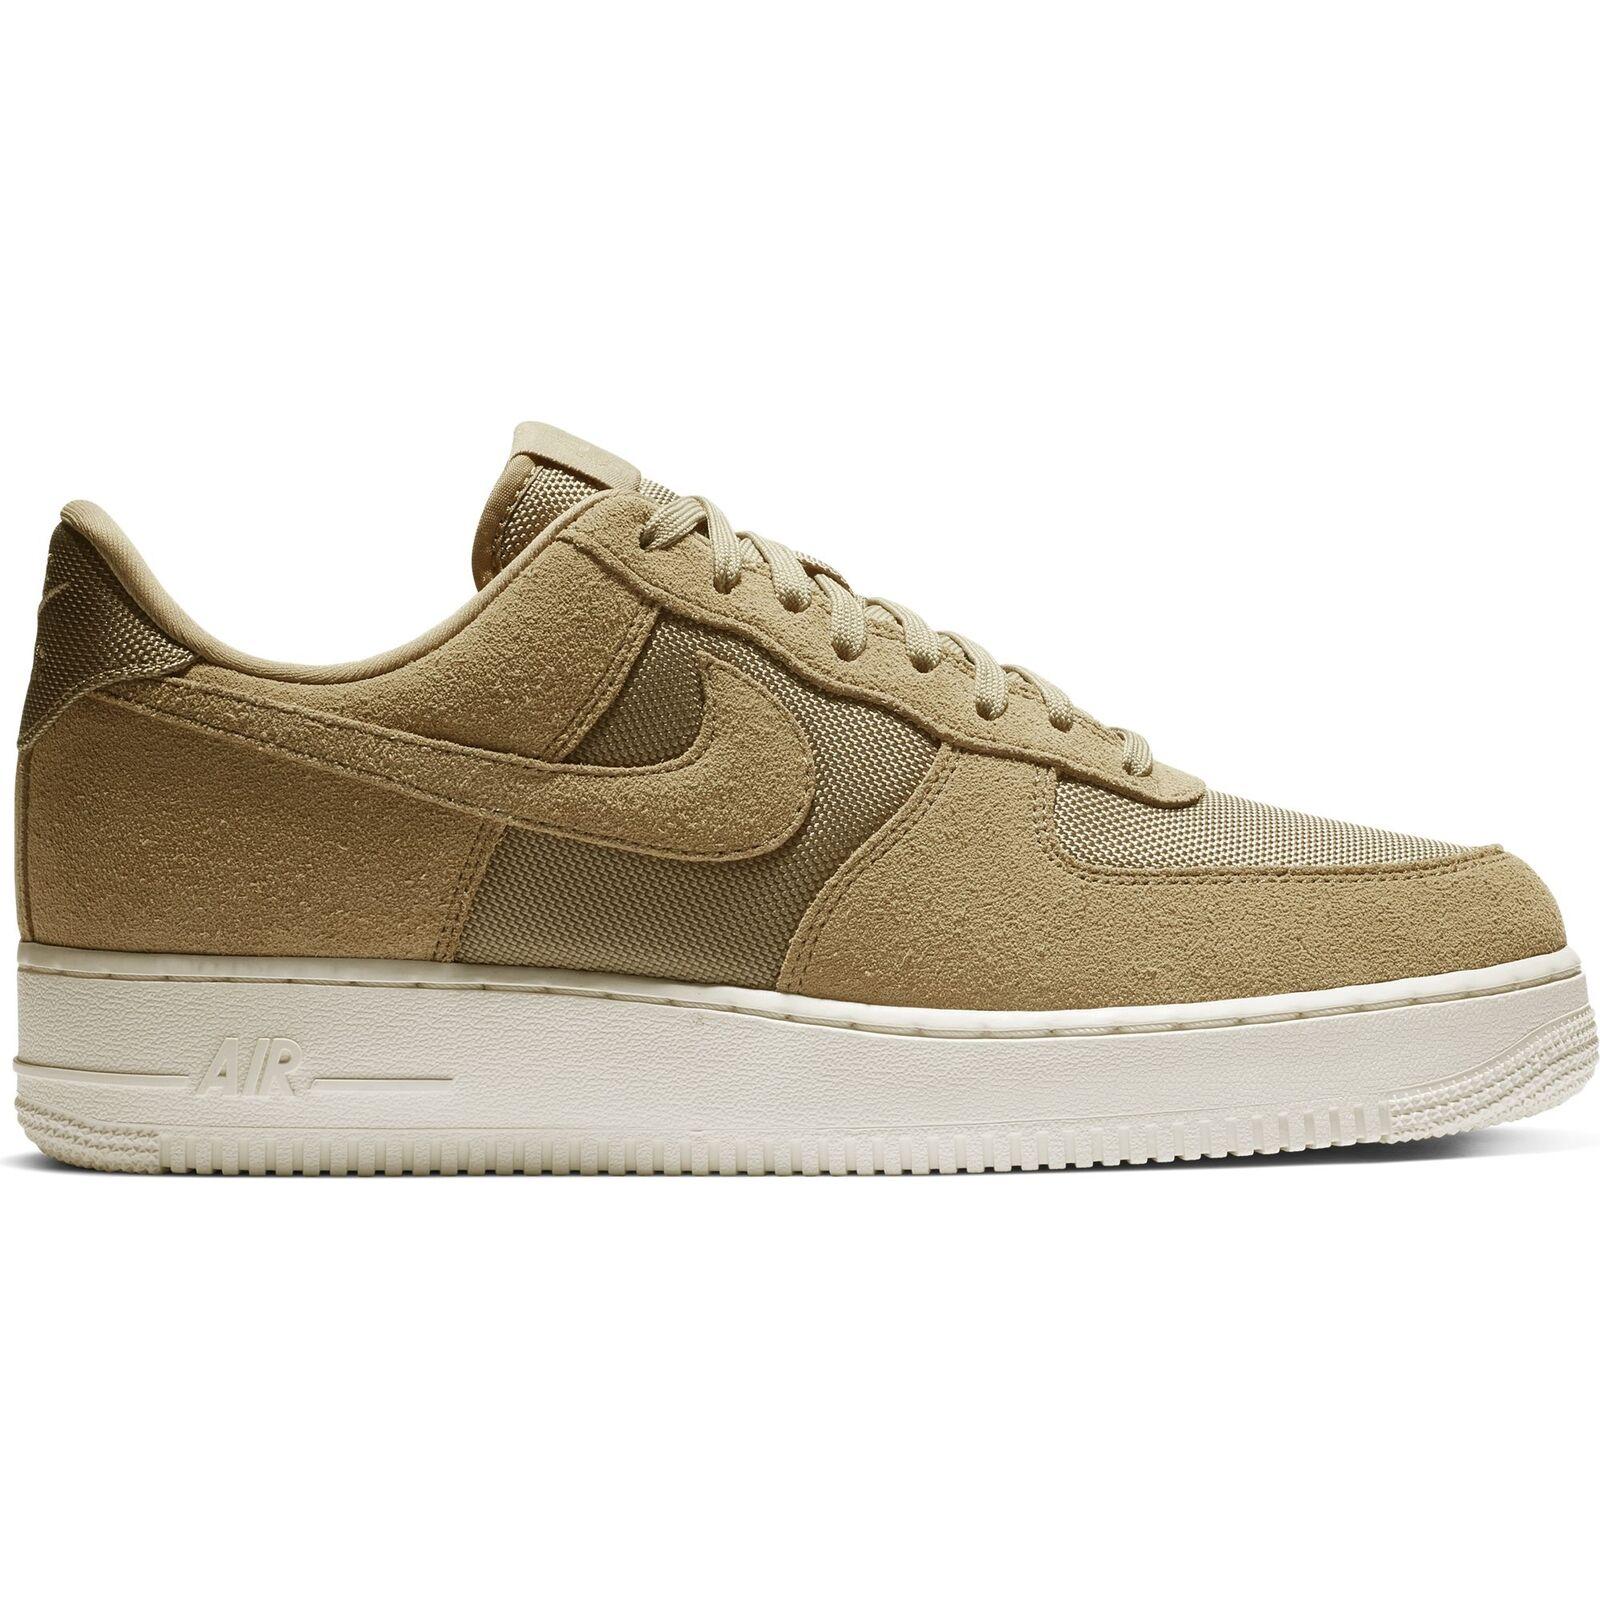 eed6ed5319 Nike Men's AIR FORCE '07 1 Low-cut Parachute Beige 1 Sneakers,  ntyjgt9683-Athletic Shoes